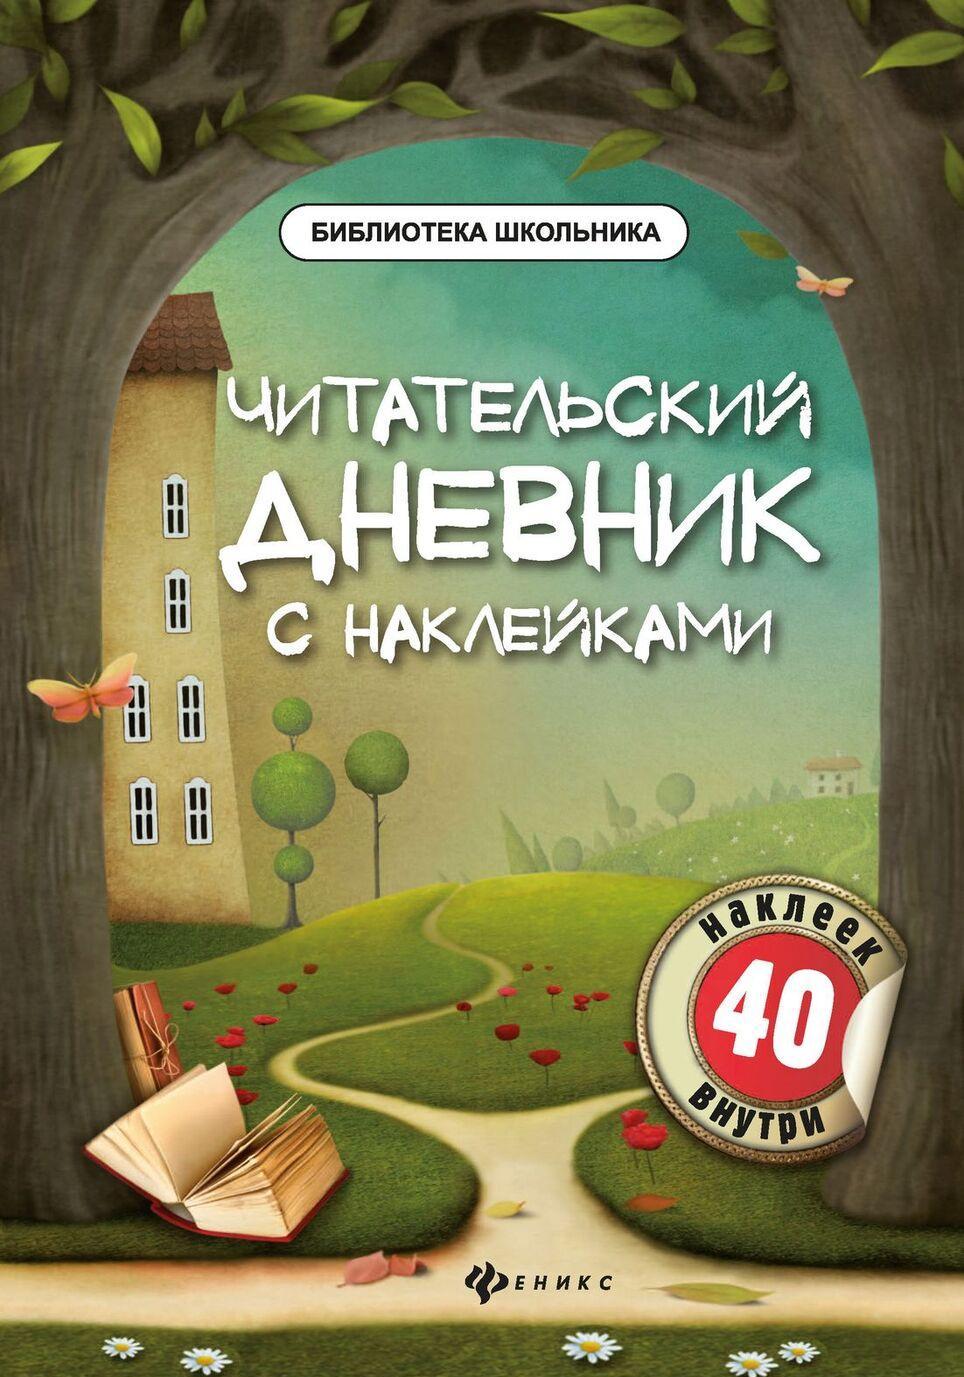 Chitatelskij dnevnik s naklejkami | Burjak Marija Viktorovna